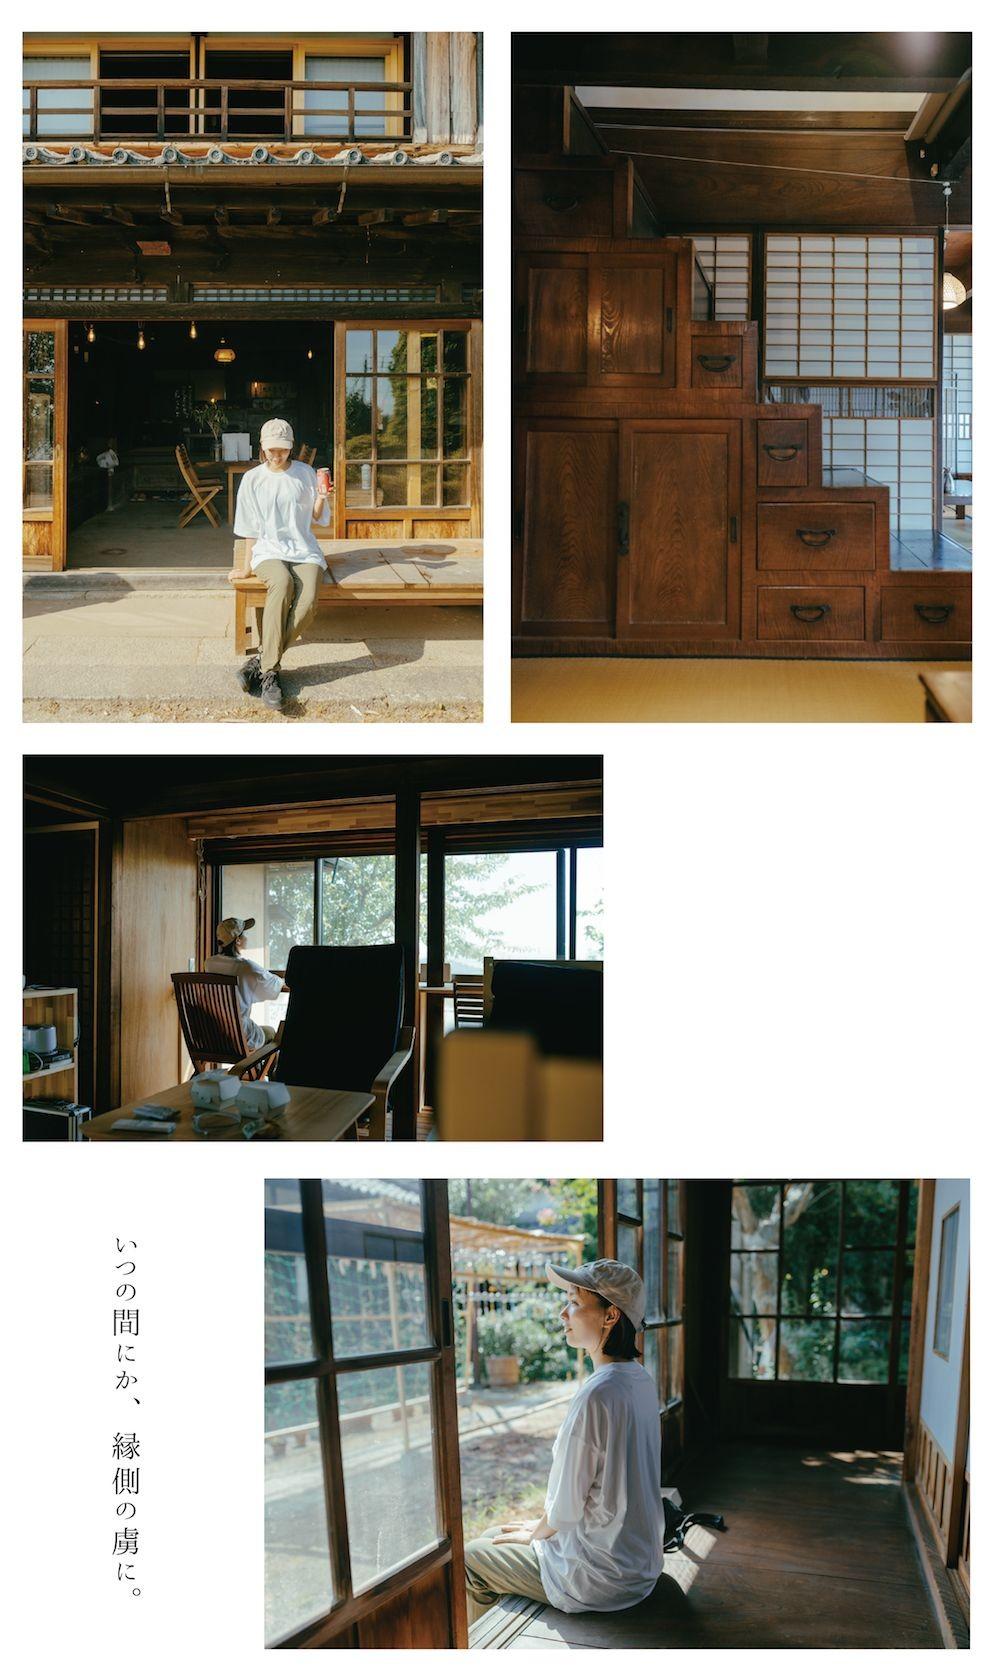 【STAY】自転車旅の疲れを癒す、こころ和む宿|「美しき、田舎景色を訪ねて。茨城自転車ものがたり。」の6枚目の画像